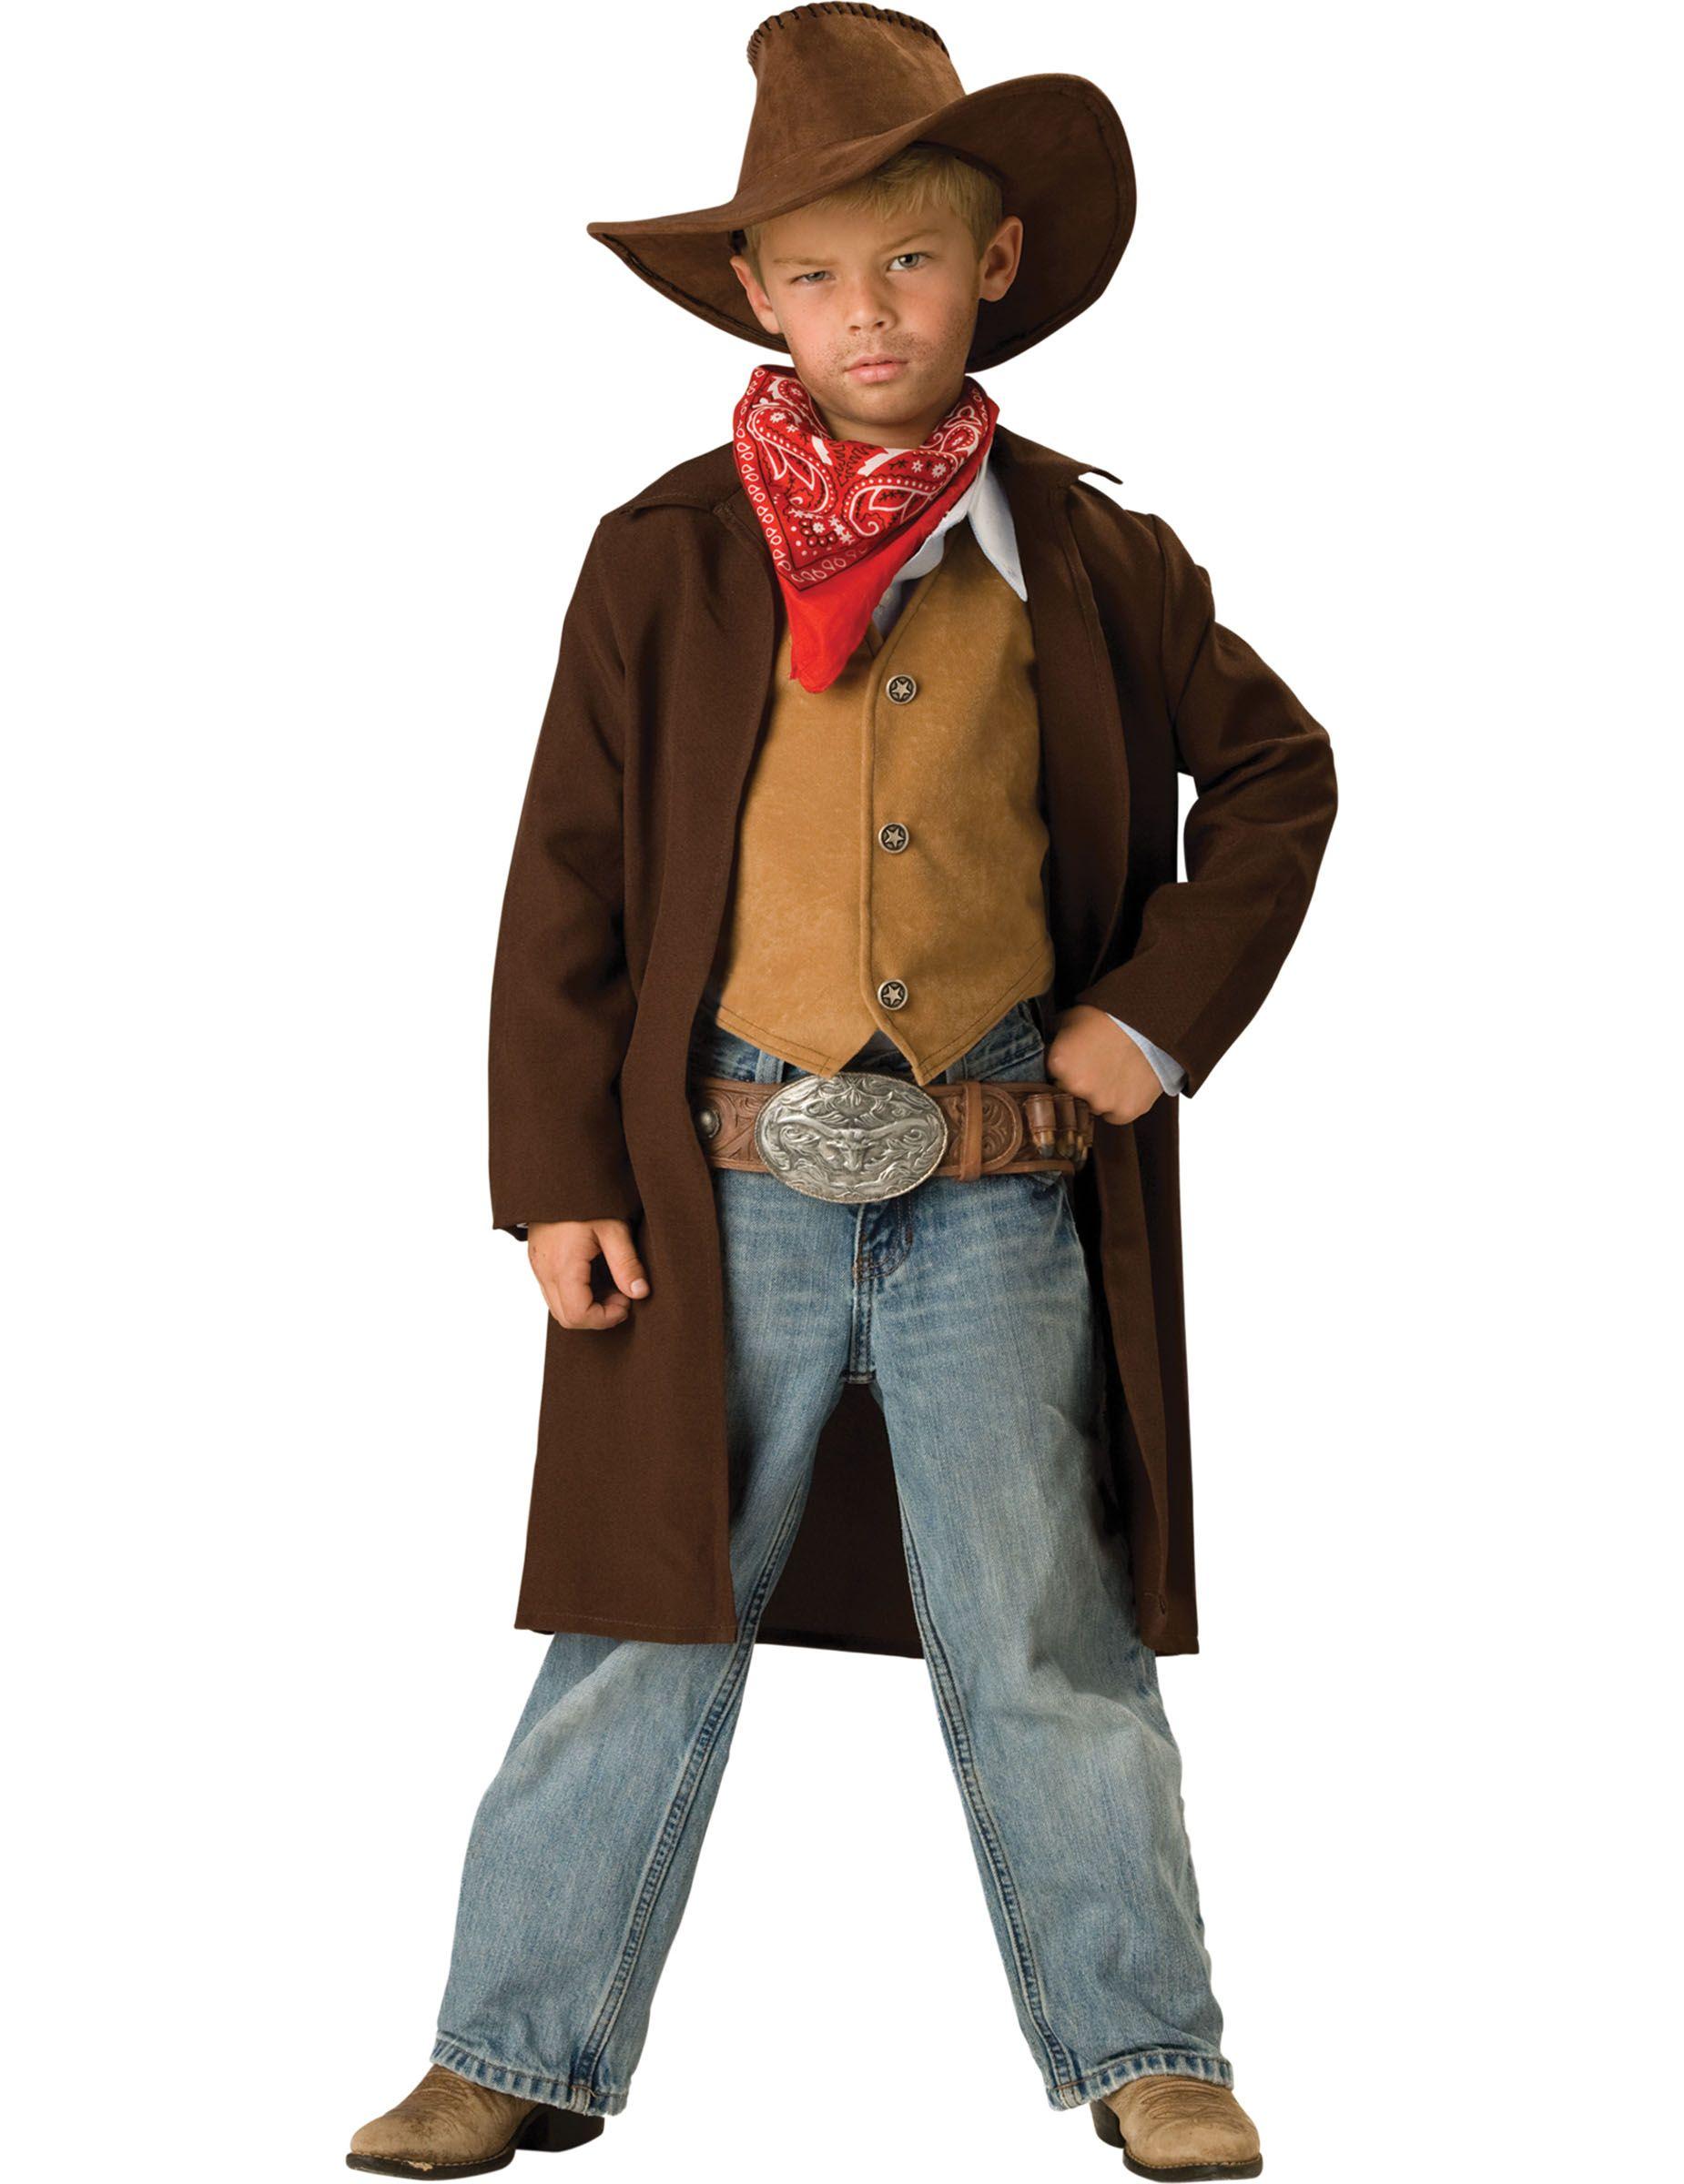 1e8374b365 Disfraz Vaquero para niño -Premium  Este disfraz de cowboy para niño  incluye chaqueta de color marrón